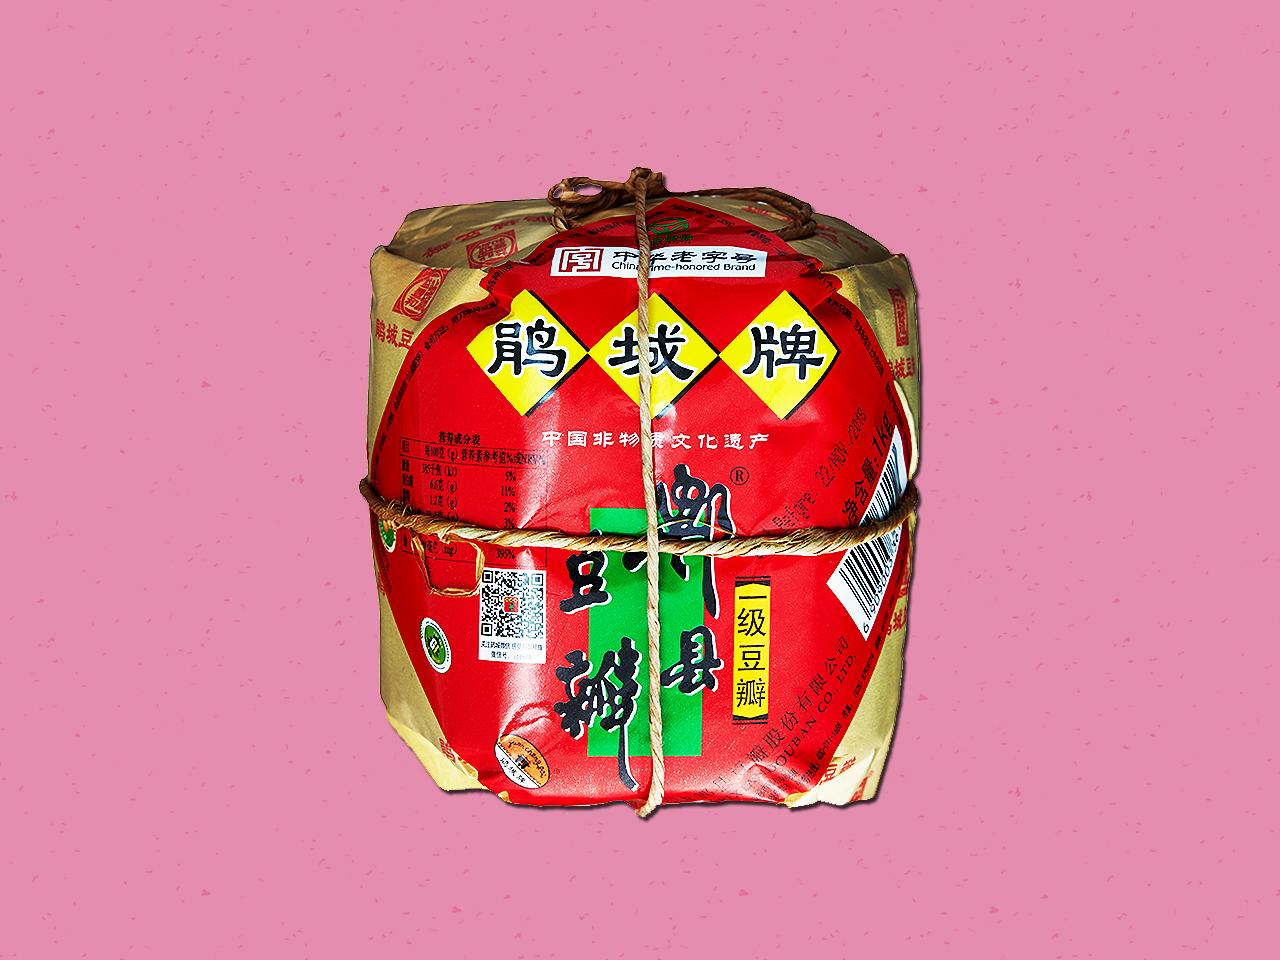 Package of doubanjiang bean paste